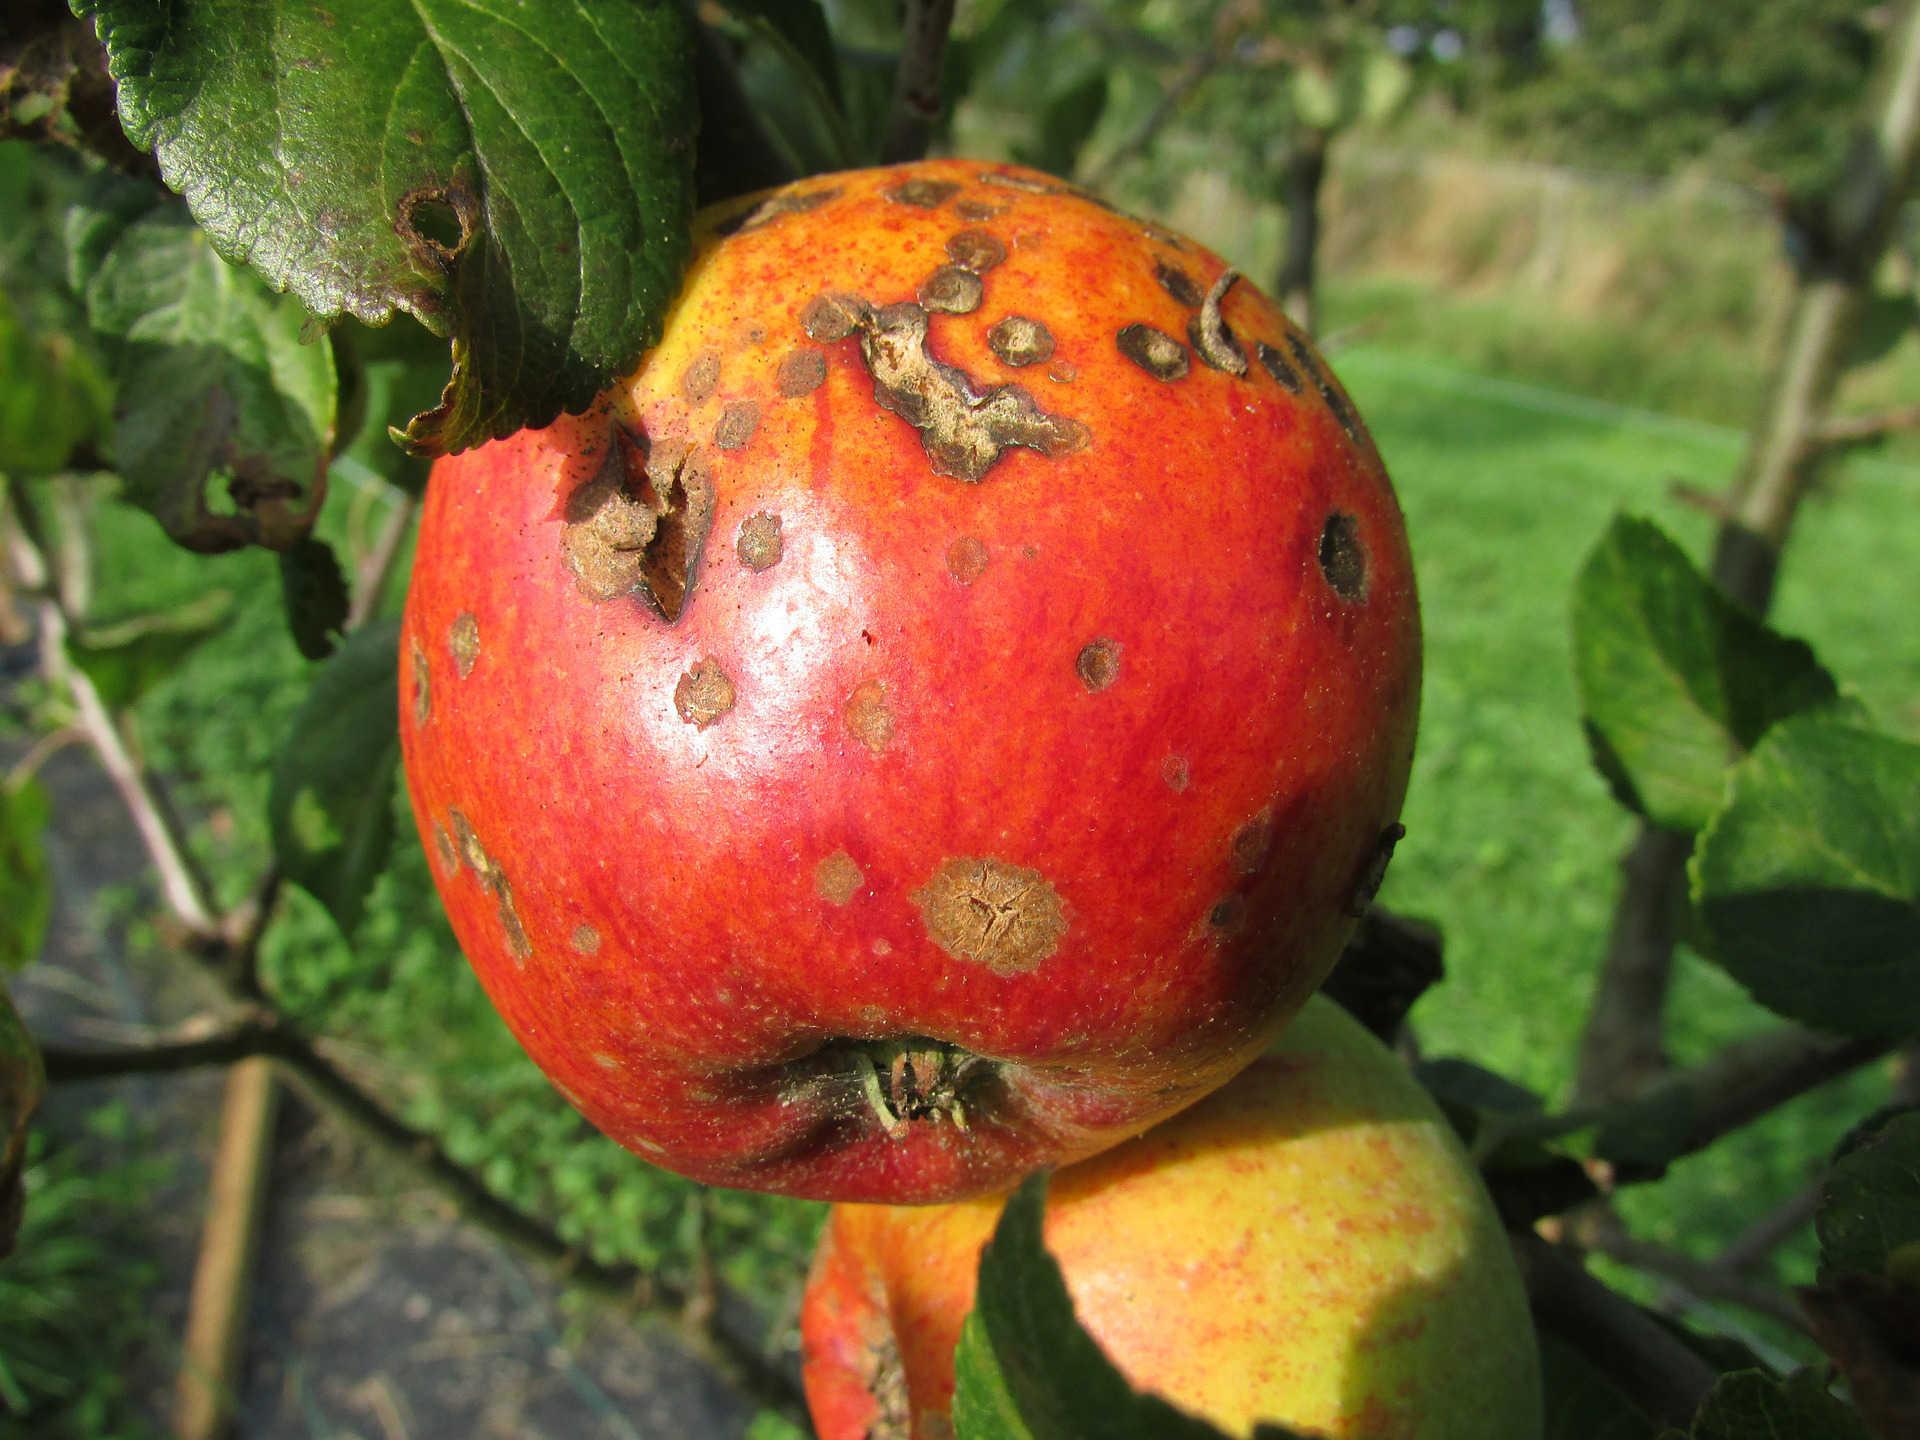 Tanaman buah apel yang terkena penyakit